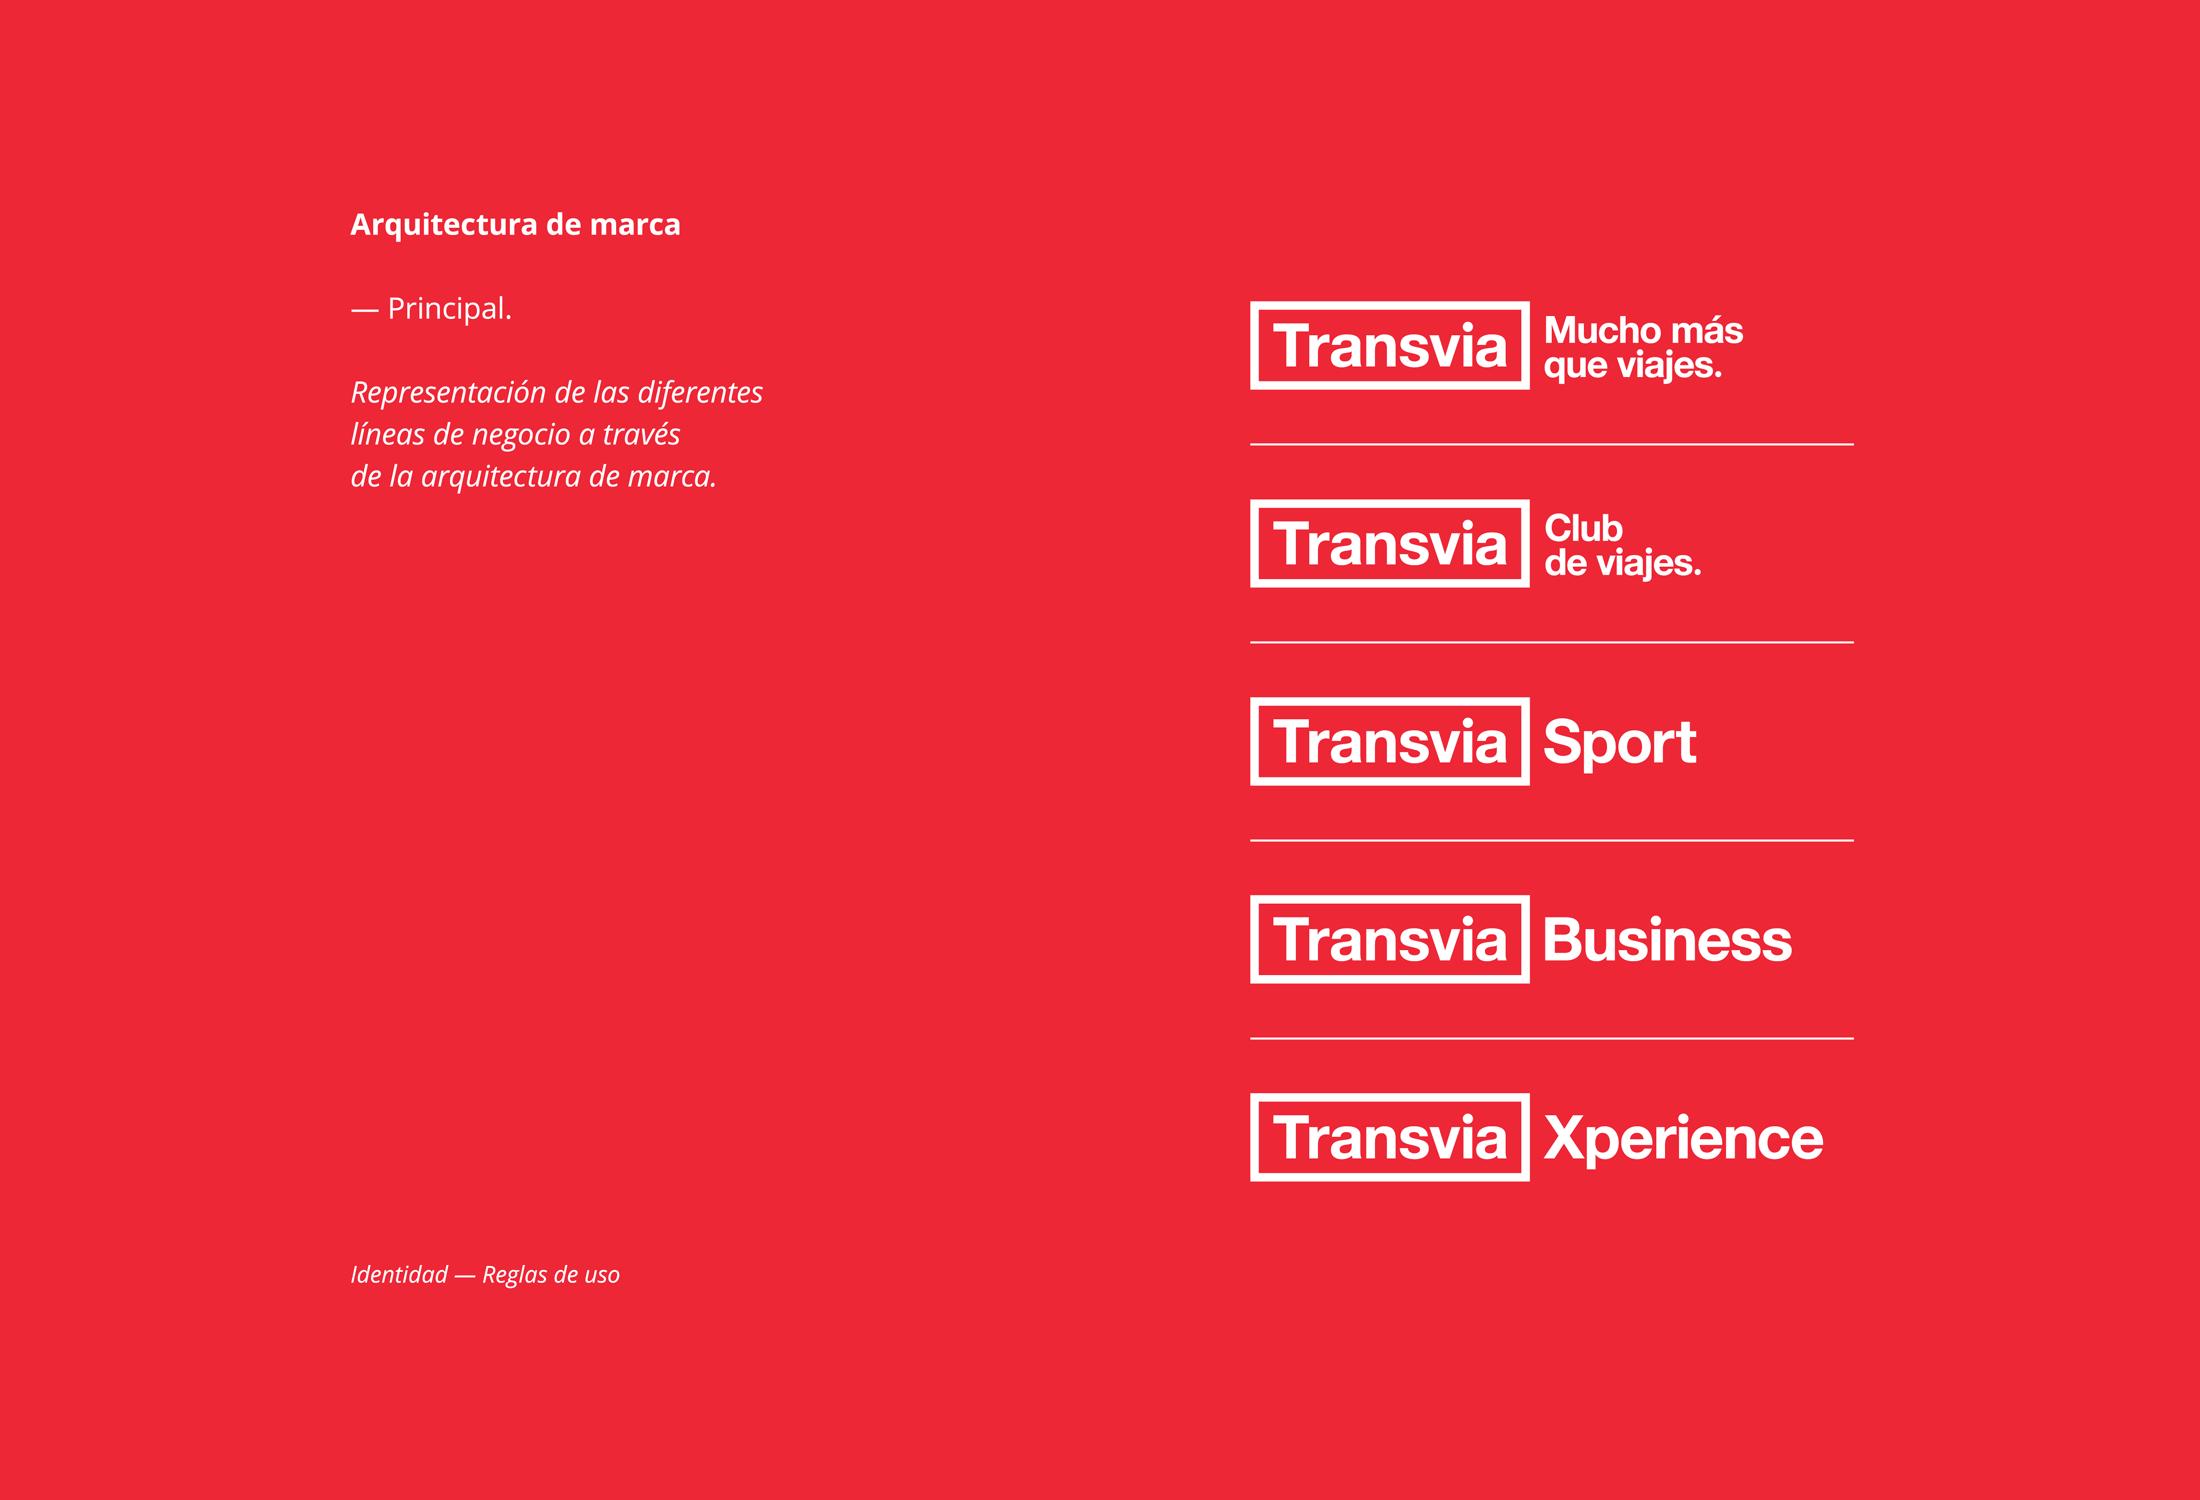 imagen corporativa agencia de viajes